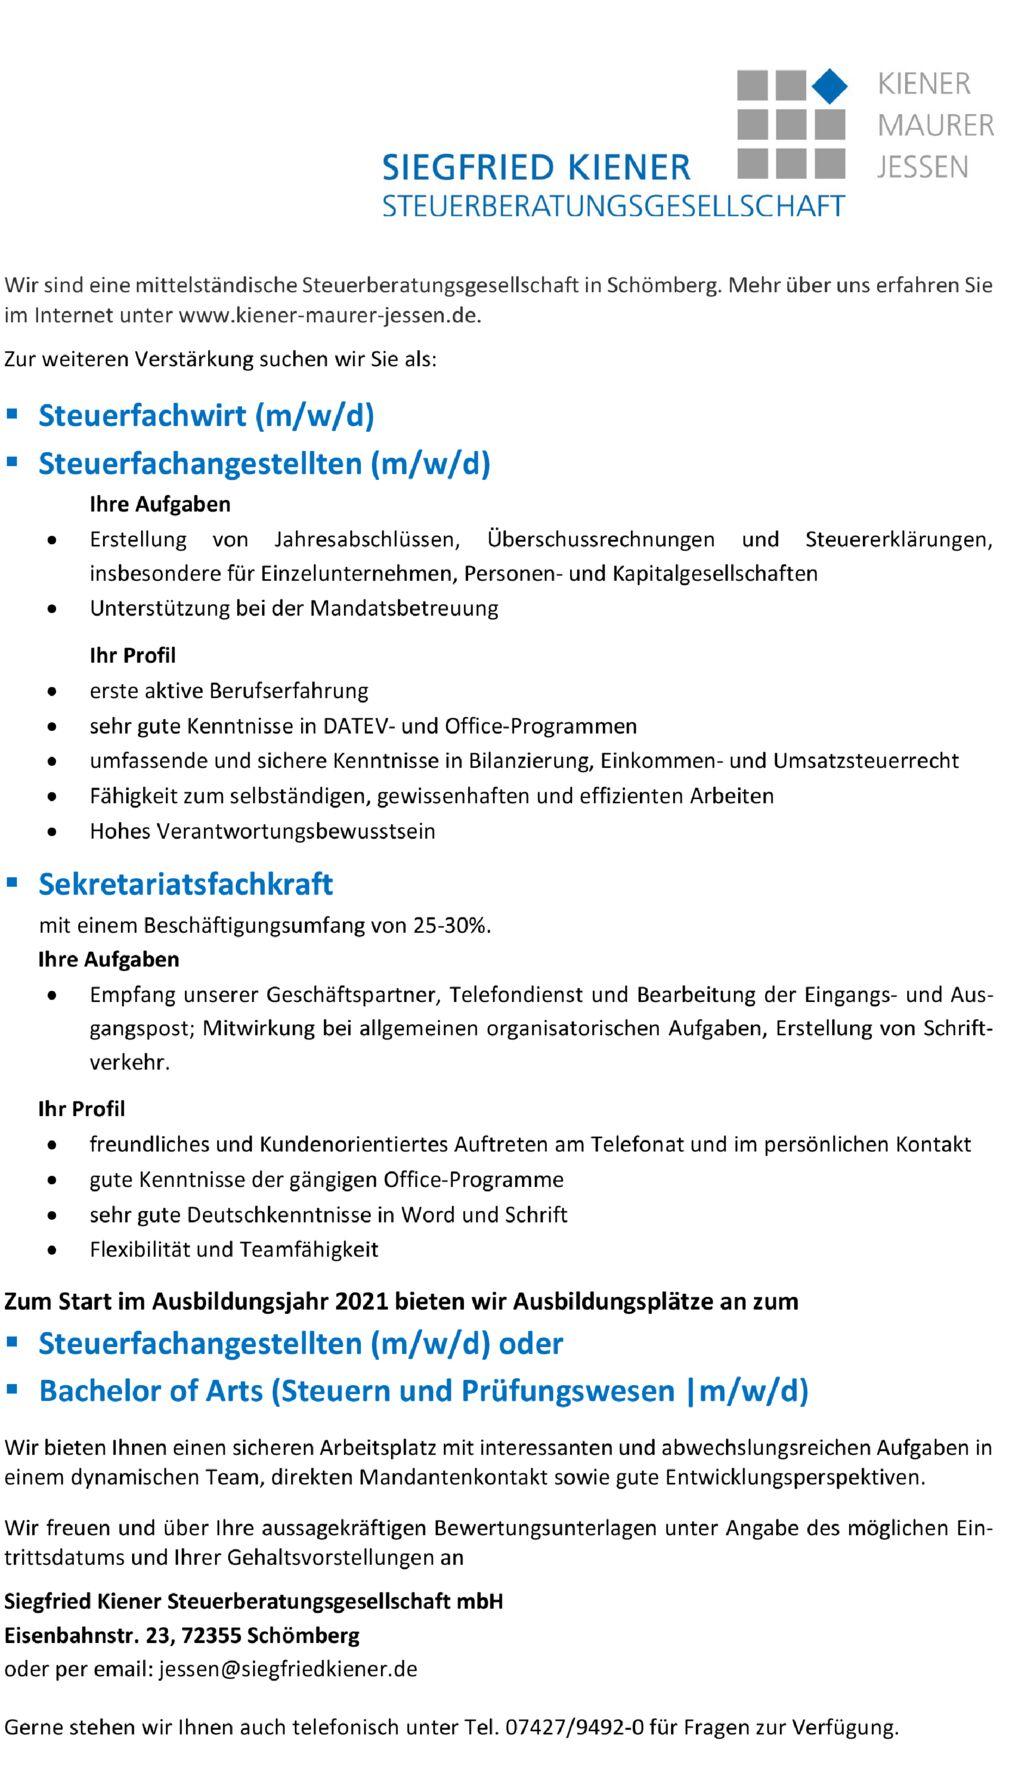 thumbnail of STB_Kiener_Anzeige Arbeitsmarkt Aktuell 20202